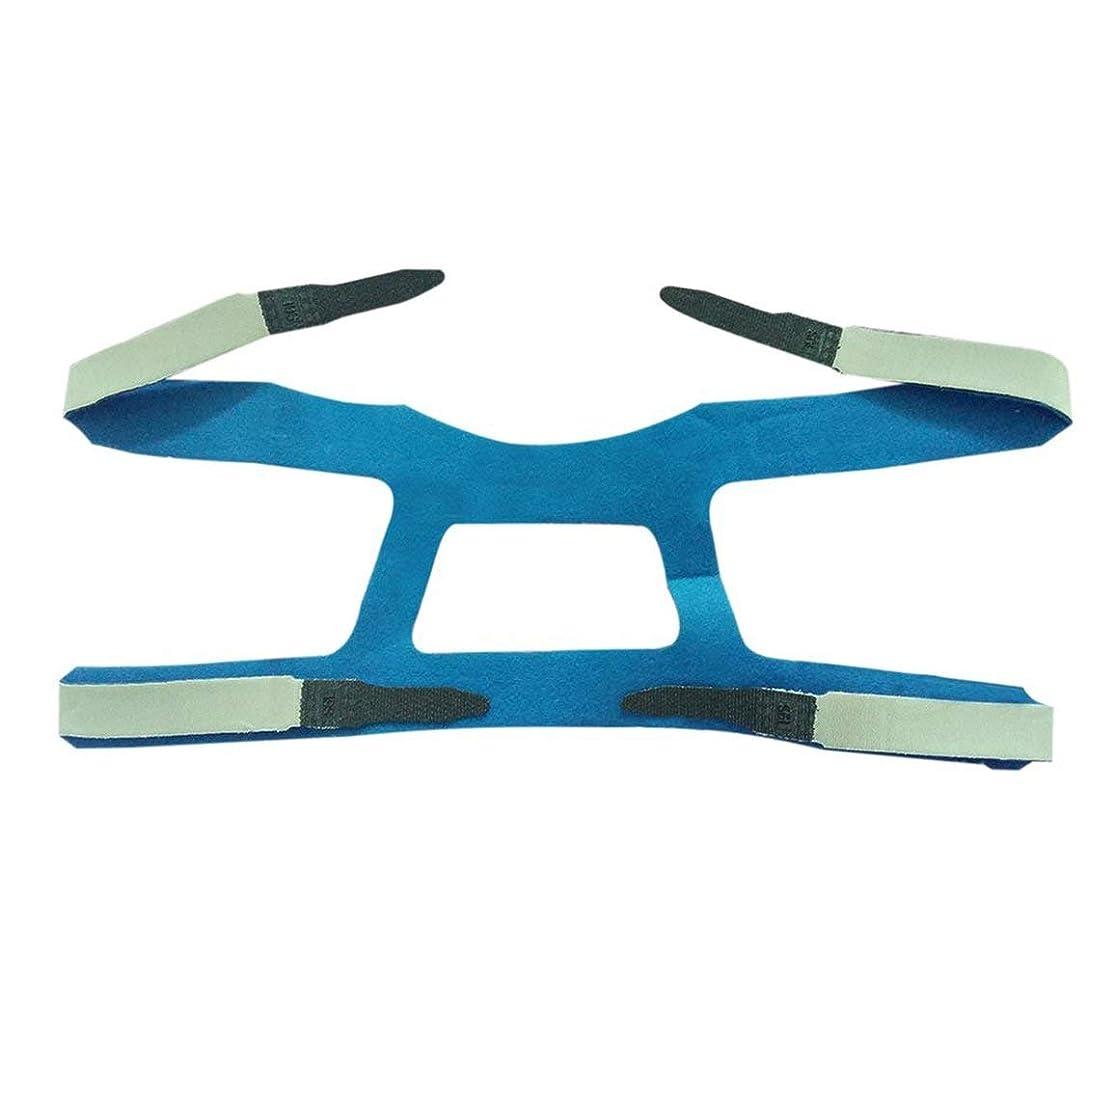 散髪ほうきベアリングサークルユニバーサルデザインヘッドギアコンフォートジェルフルマスク安全な環境の交換用CPAPヘッドバンドなしPHILPS - グレー&ブルー